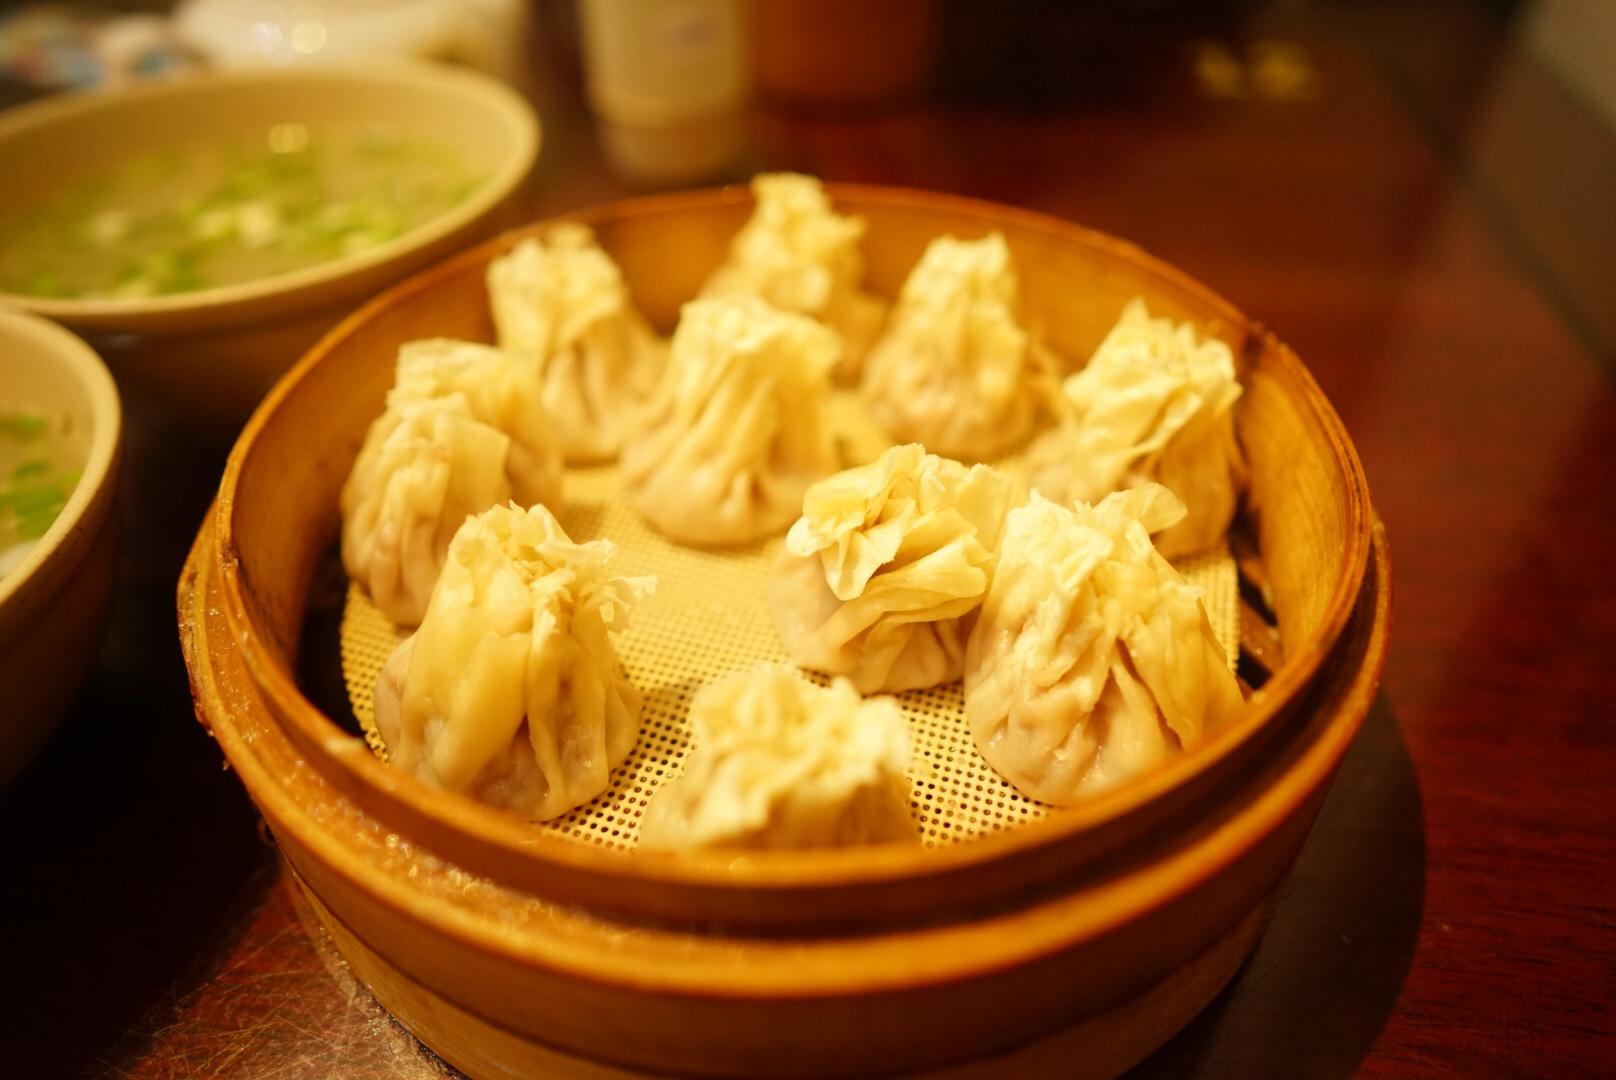 杭州の河坊街の羊肉レストラン「羊湯飯店」のシューマイ